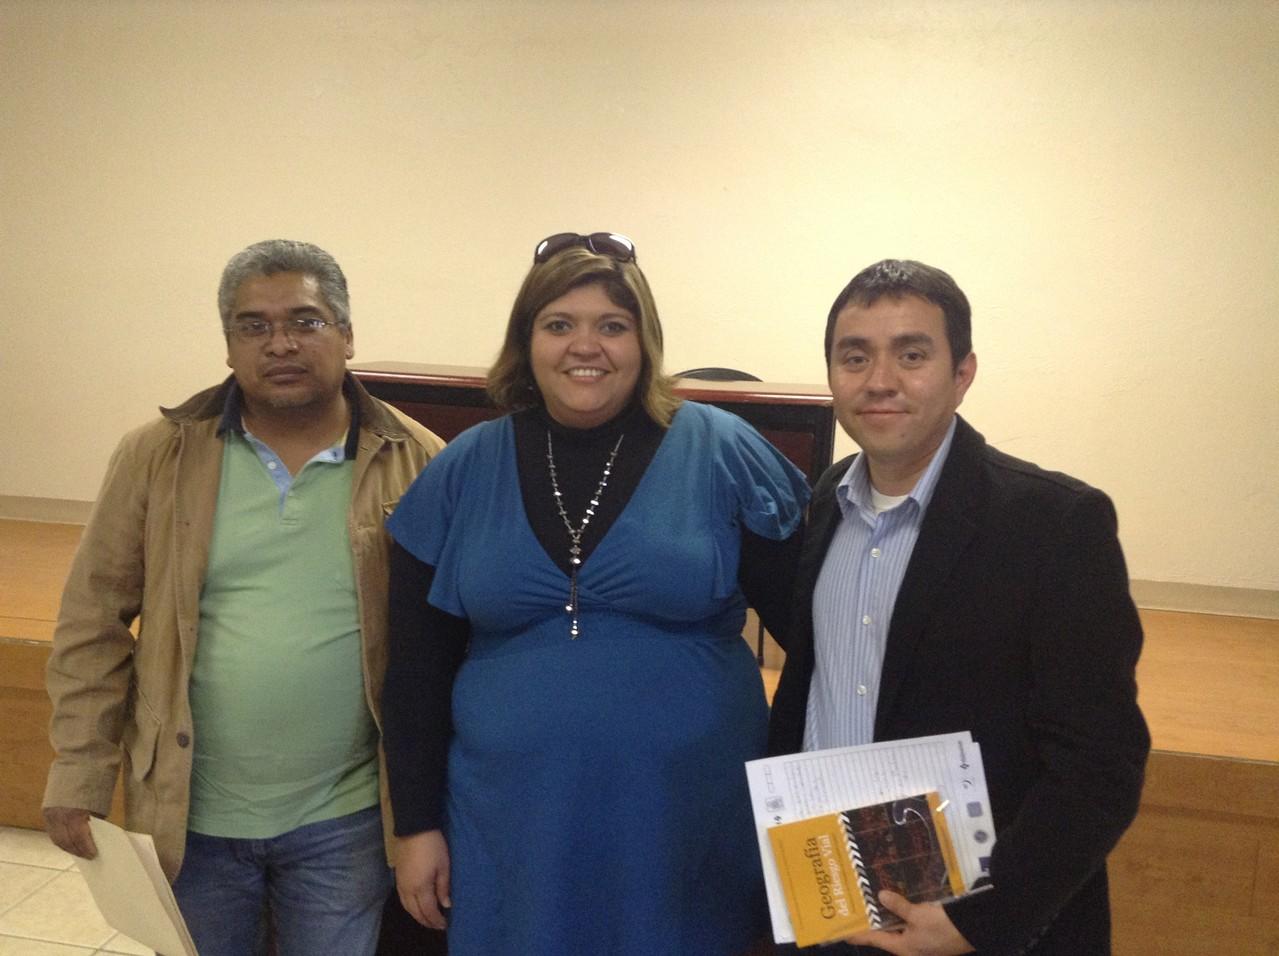 Con el Dr. Vladimir Hernández y la Dra. Rosa María, 2013.